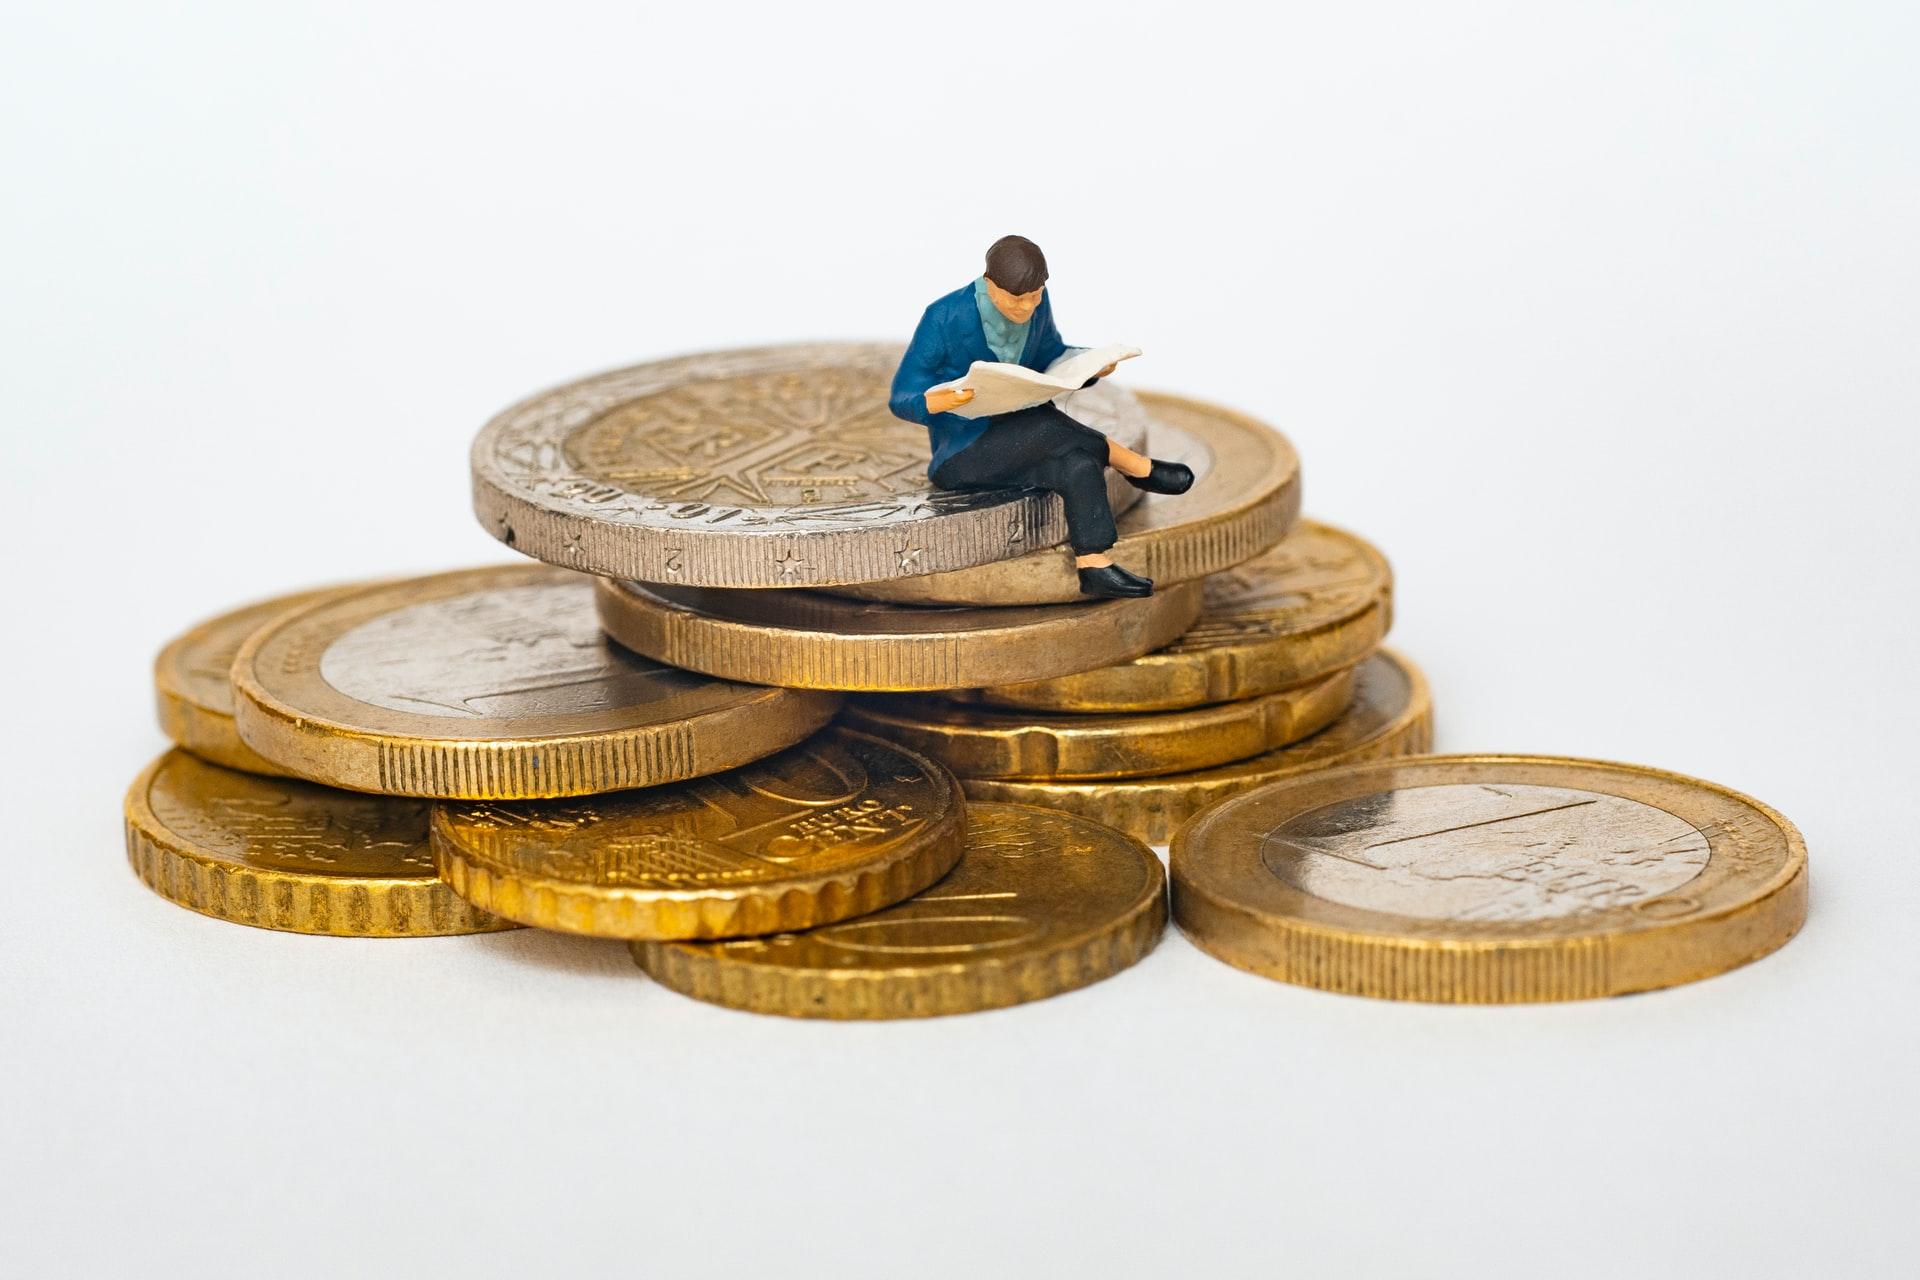 Få bedre styr på økonomien med en billig a-kasse